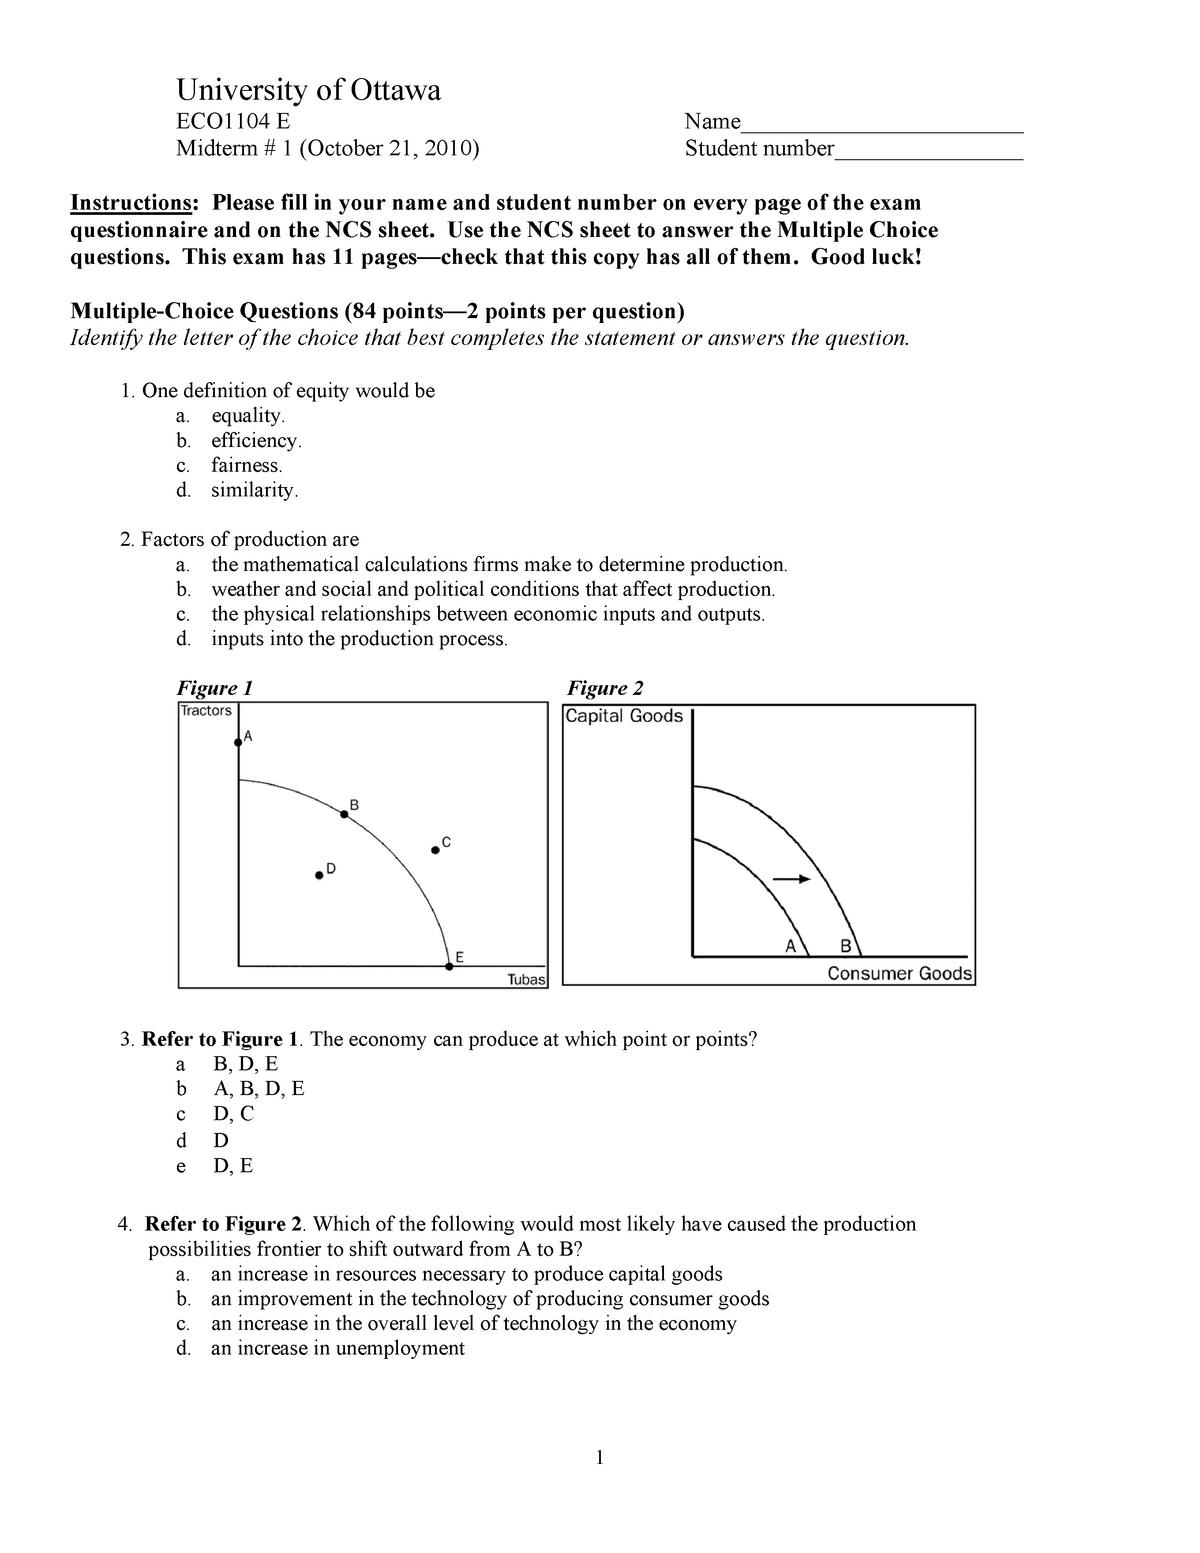 Exam 2017 - ECO1104: Introduction to Microeconomics - StuDocu